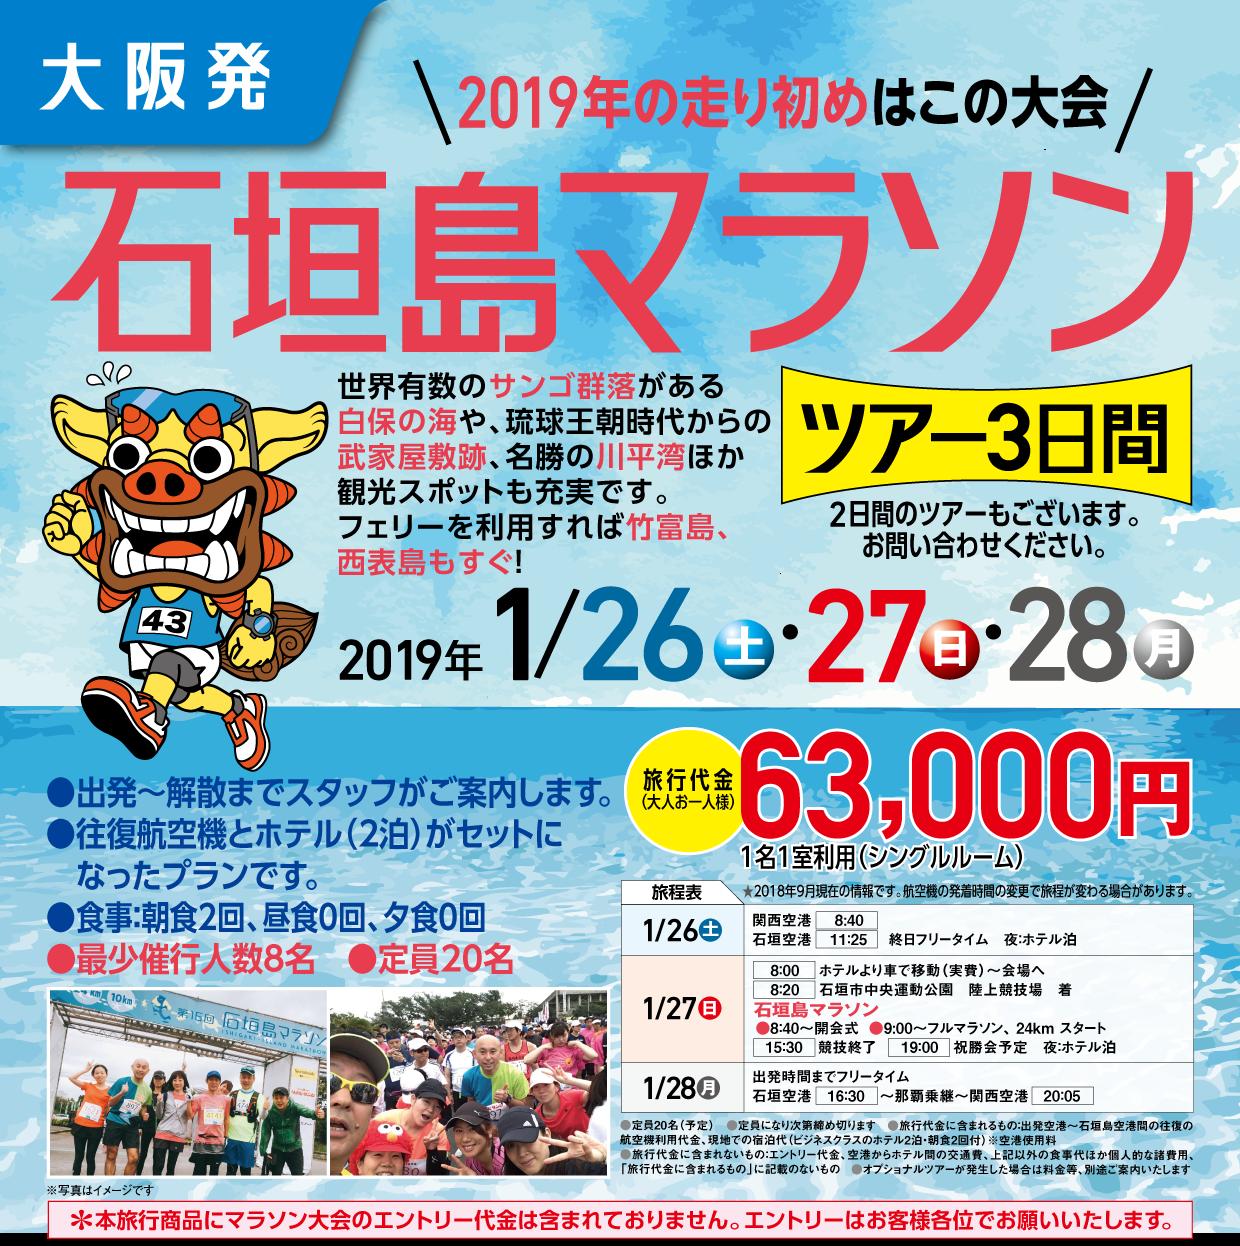 〈大阪発〉石垣マラソン2019ツアー3日間